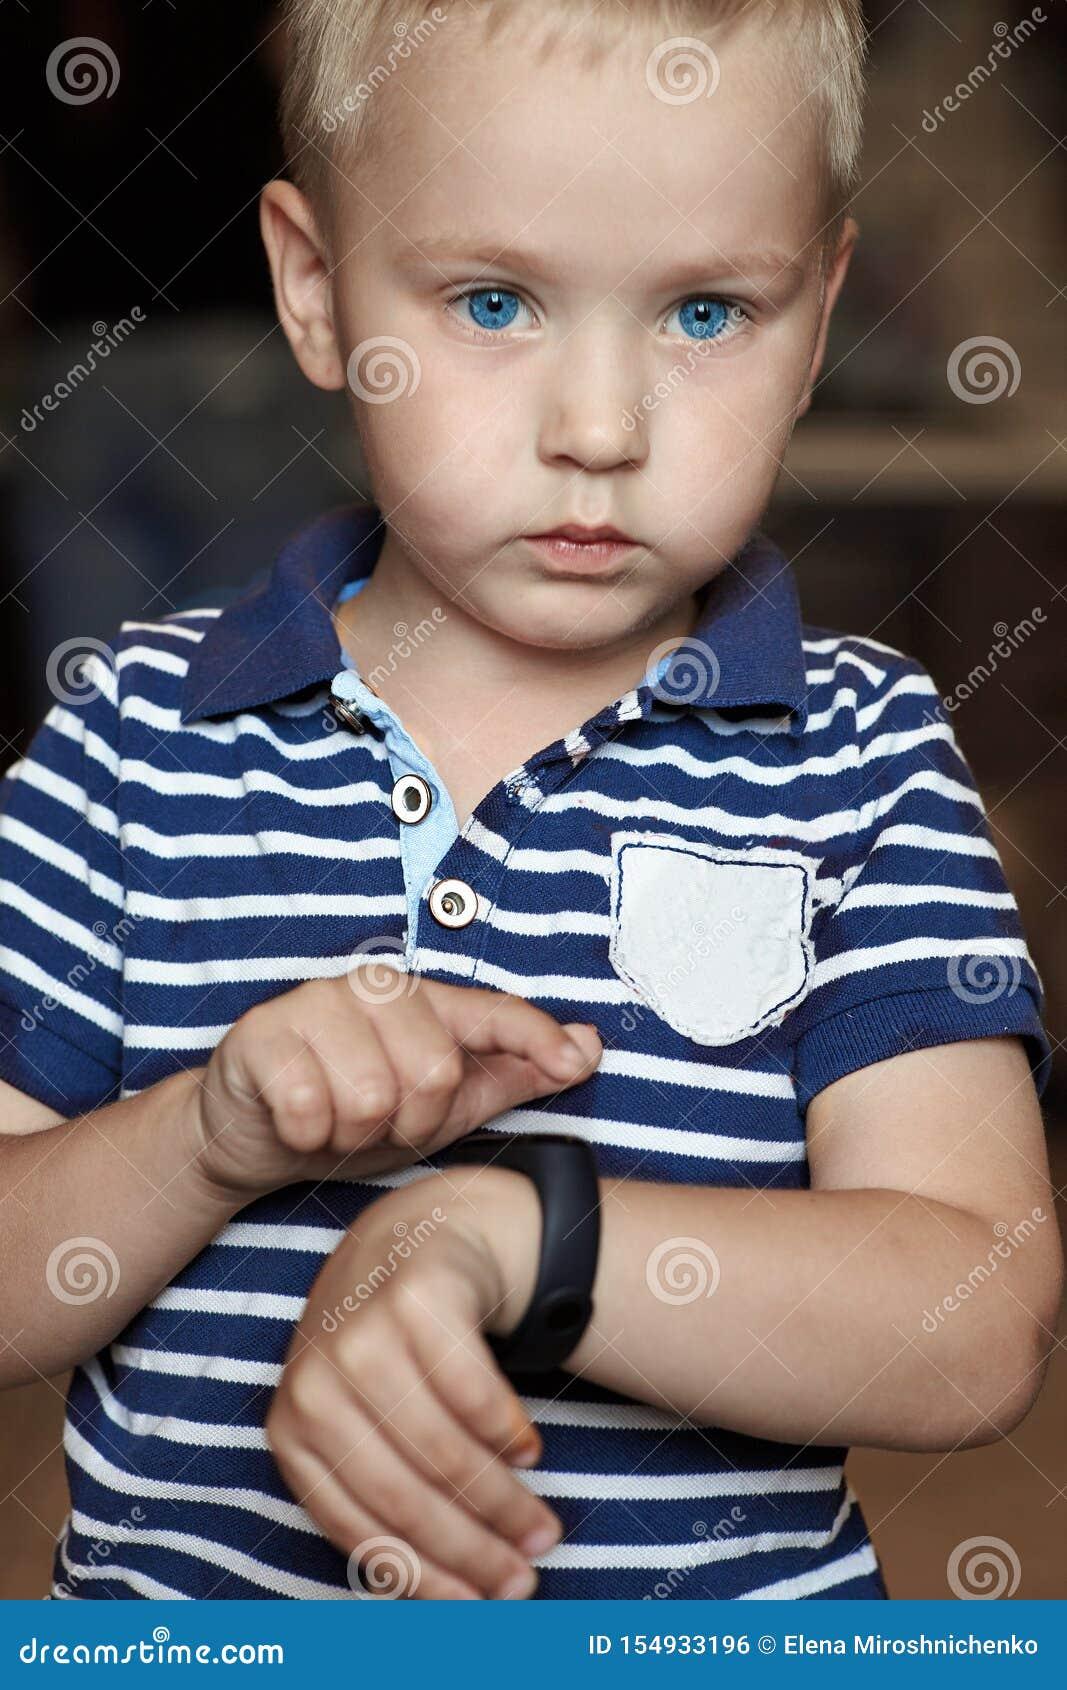 El pequeño muchacho rubio lindo con los ojos azules señala al perseguidor digital de la aptitud en su muñeca